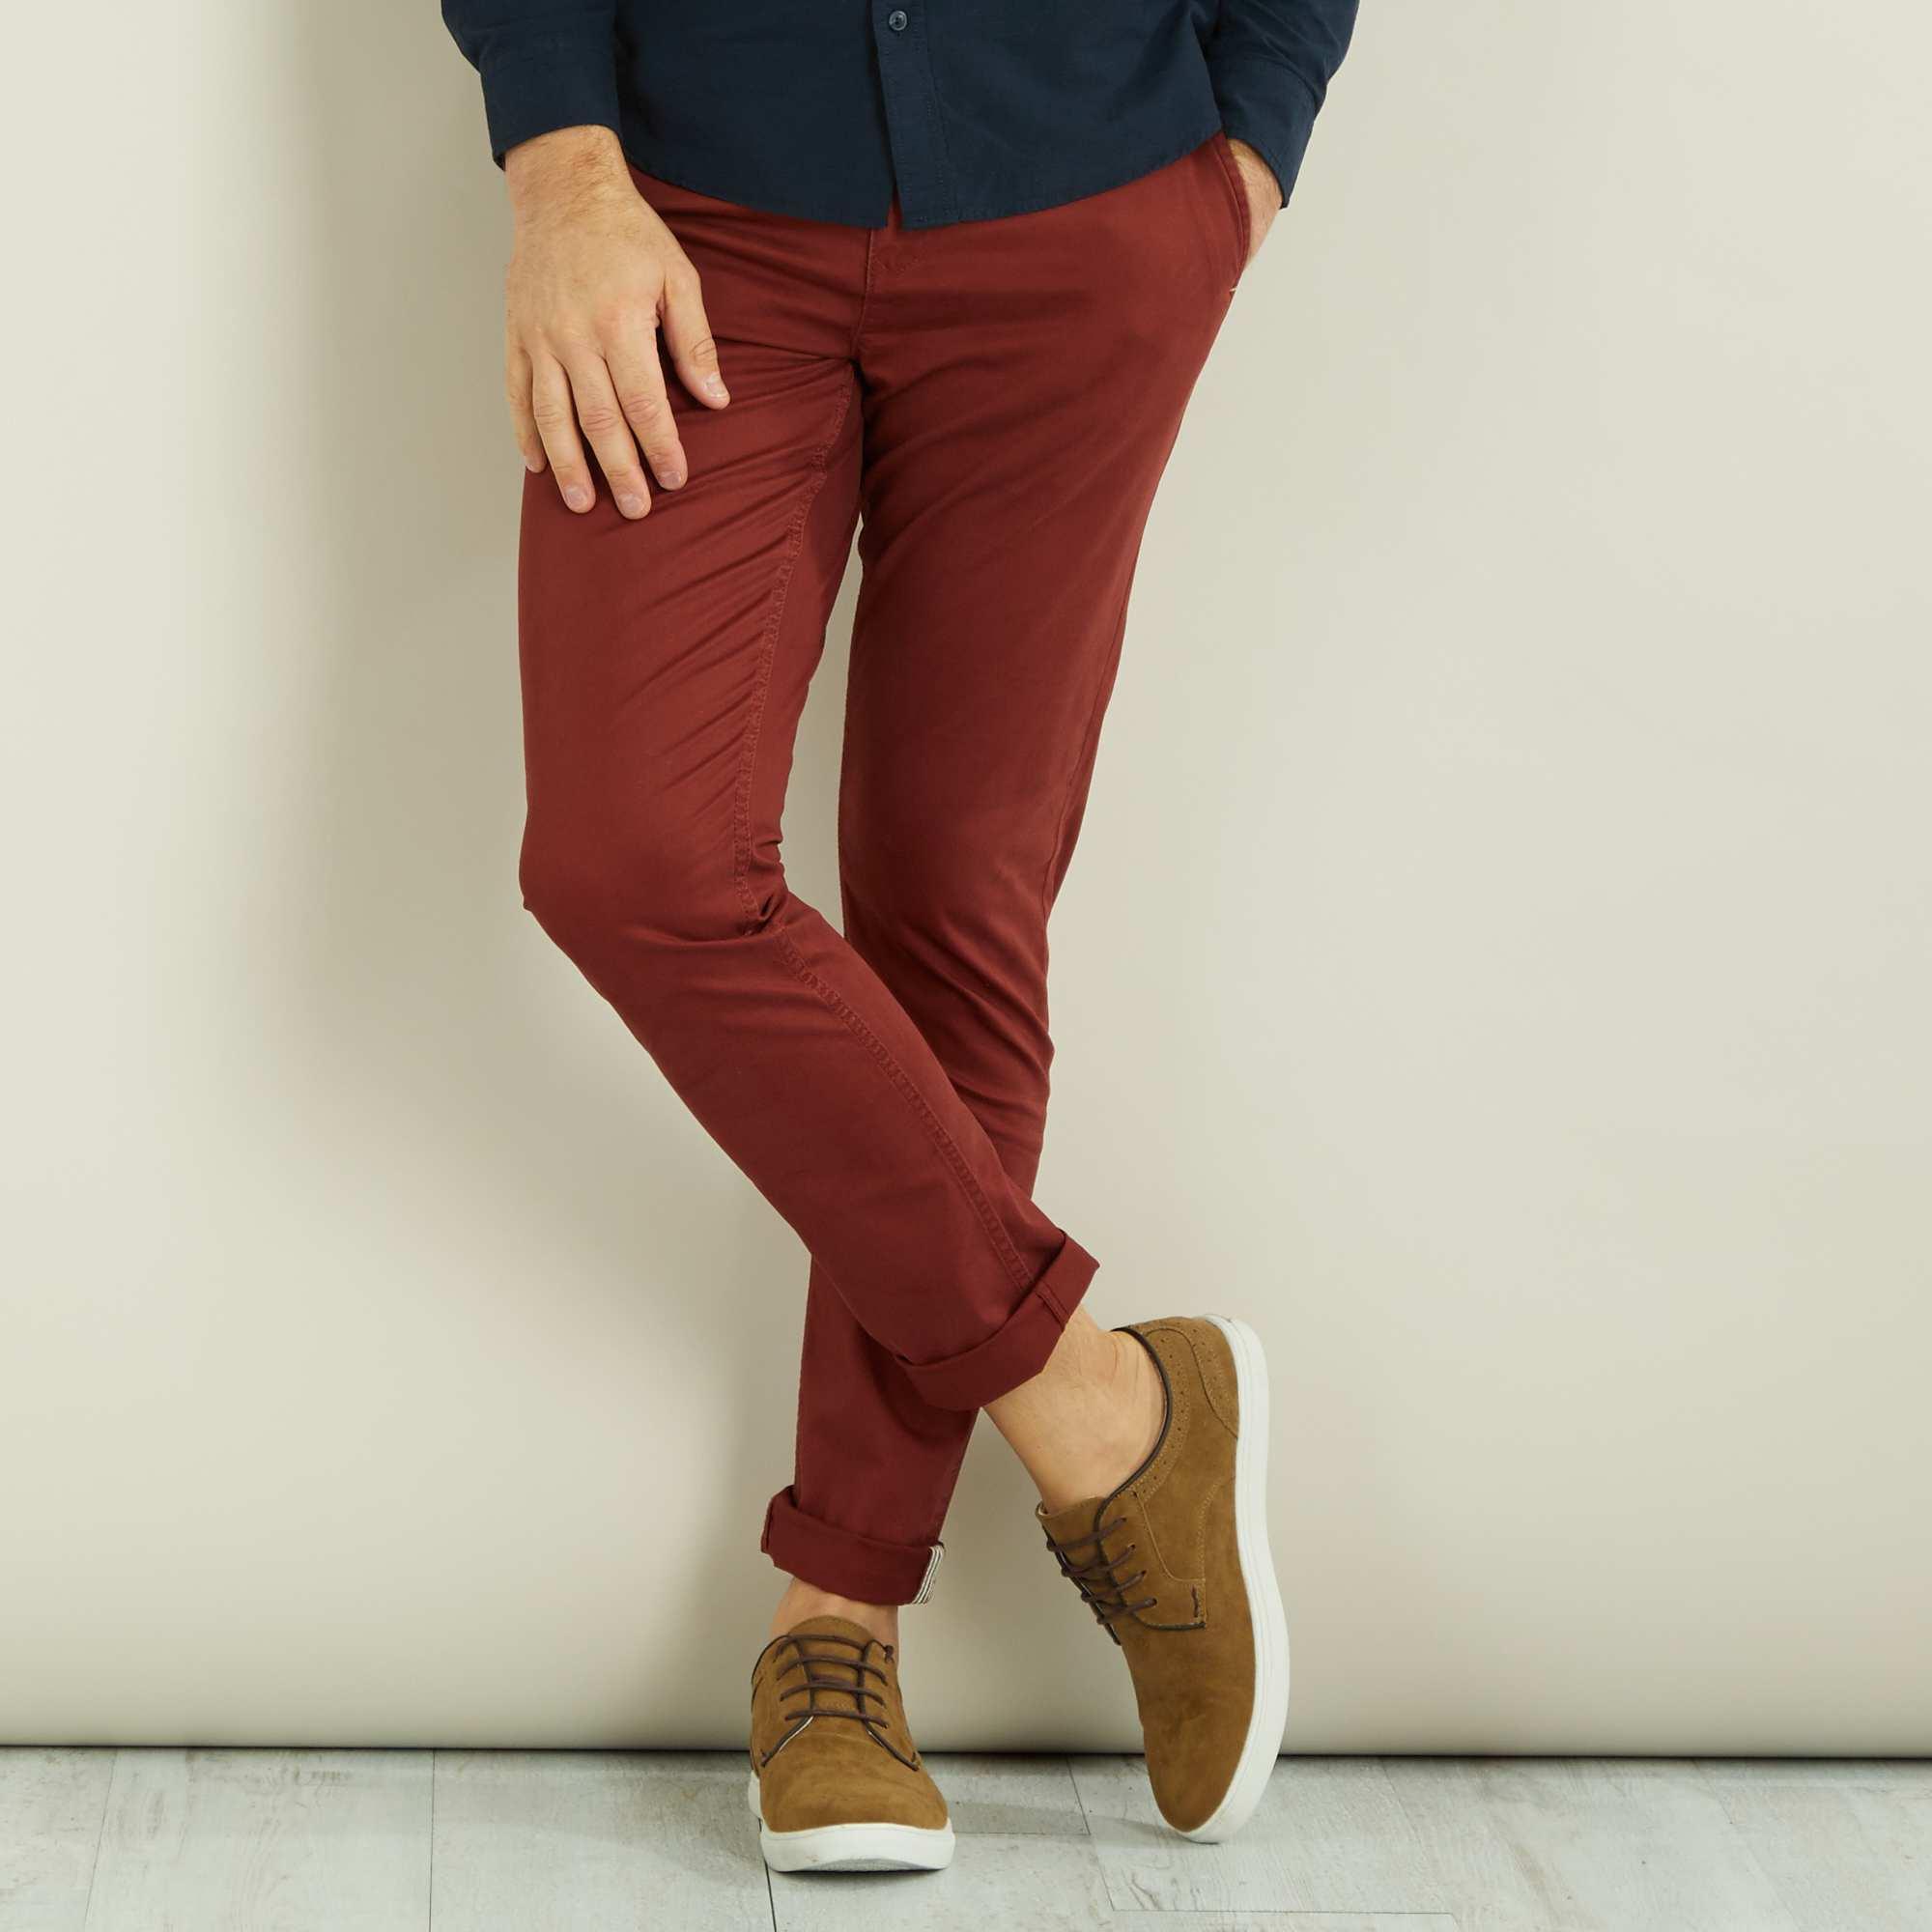 Couleur : rouge brique, , ,, - Taille : 46, , ,,Toujours très trendy le pantalon chino, ici dans une version coupée très près du corps